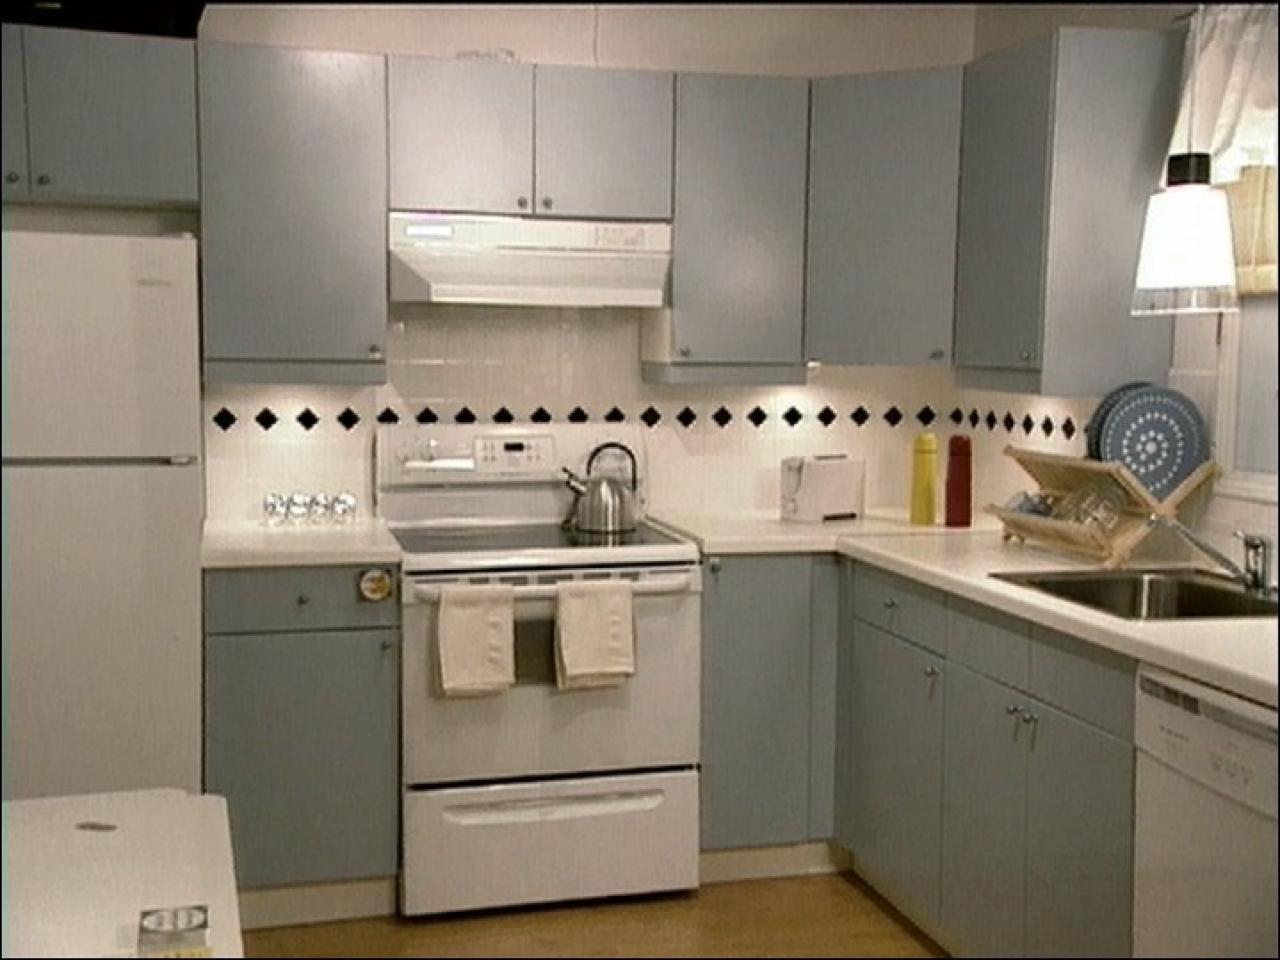 eco kitchen design ideas photo - 1